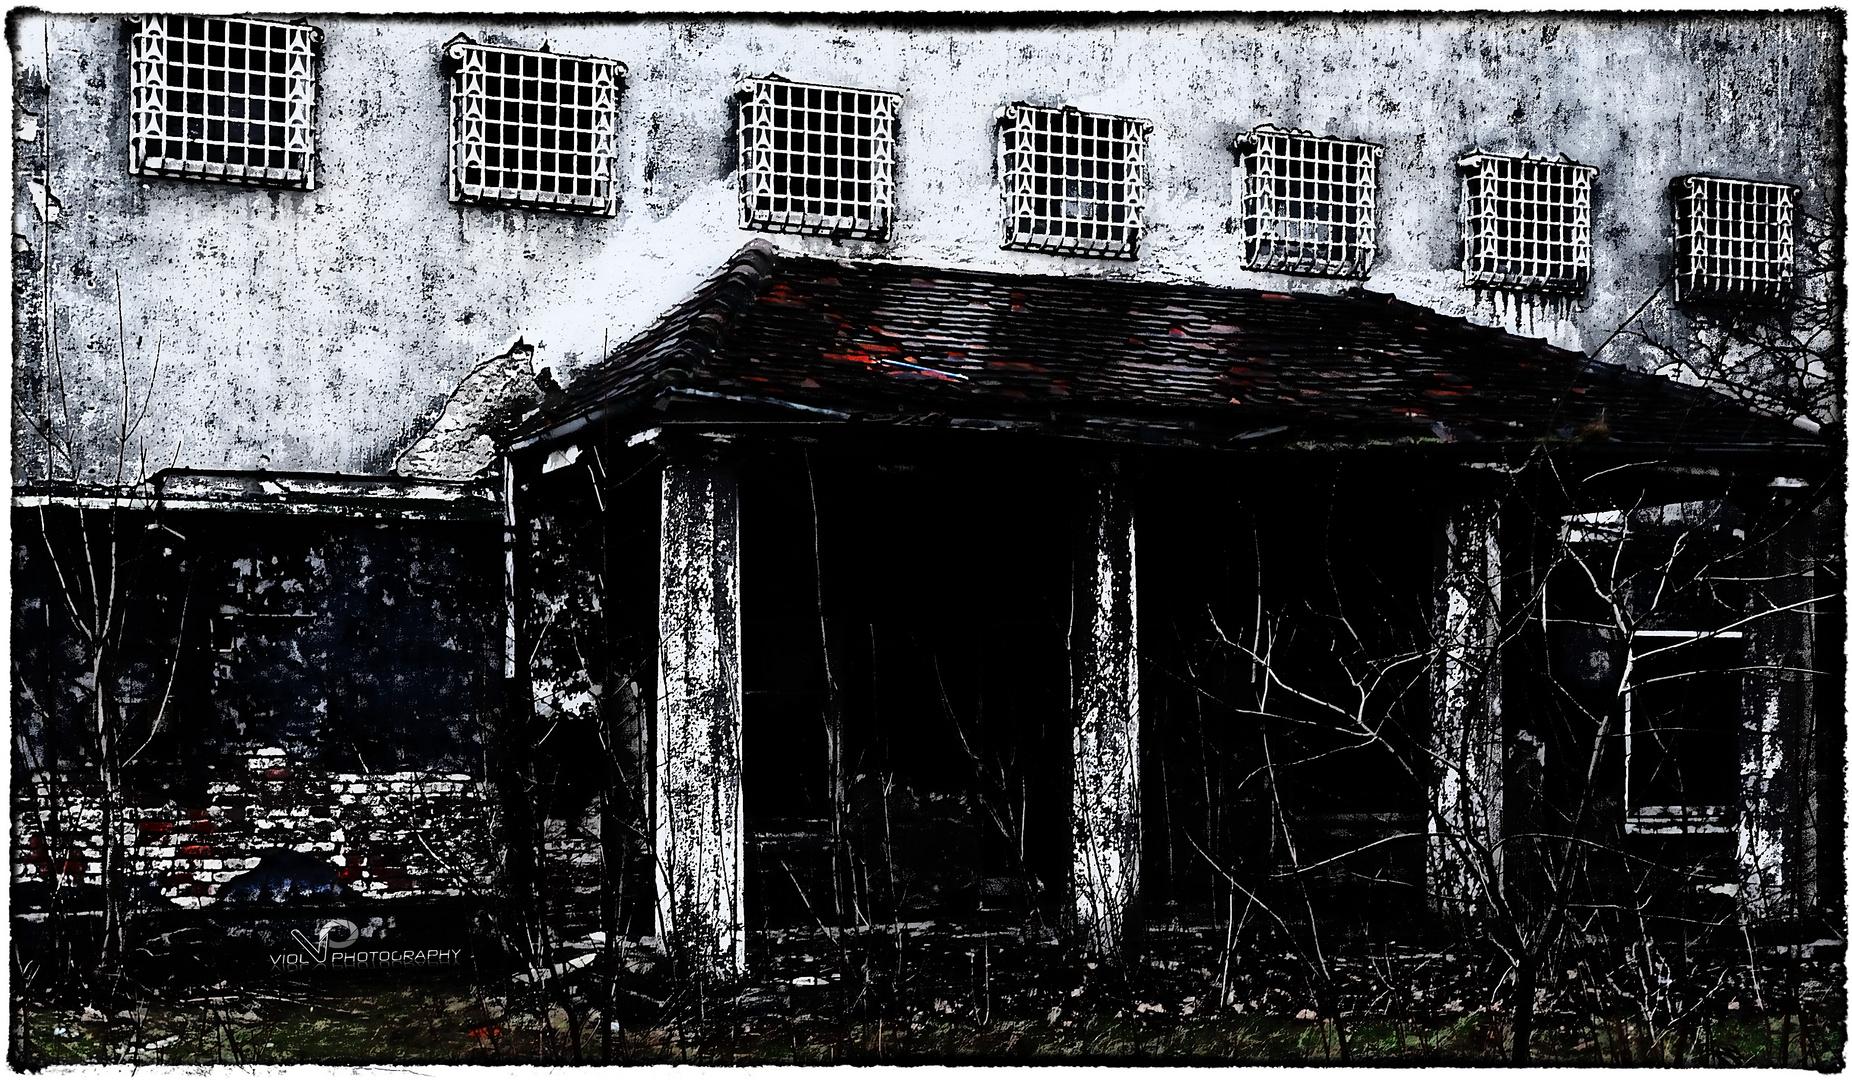 Das Gruselhaus am Ende der Straße